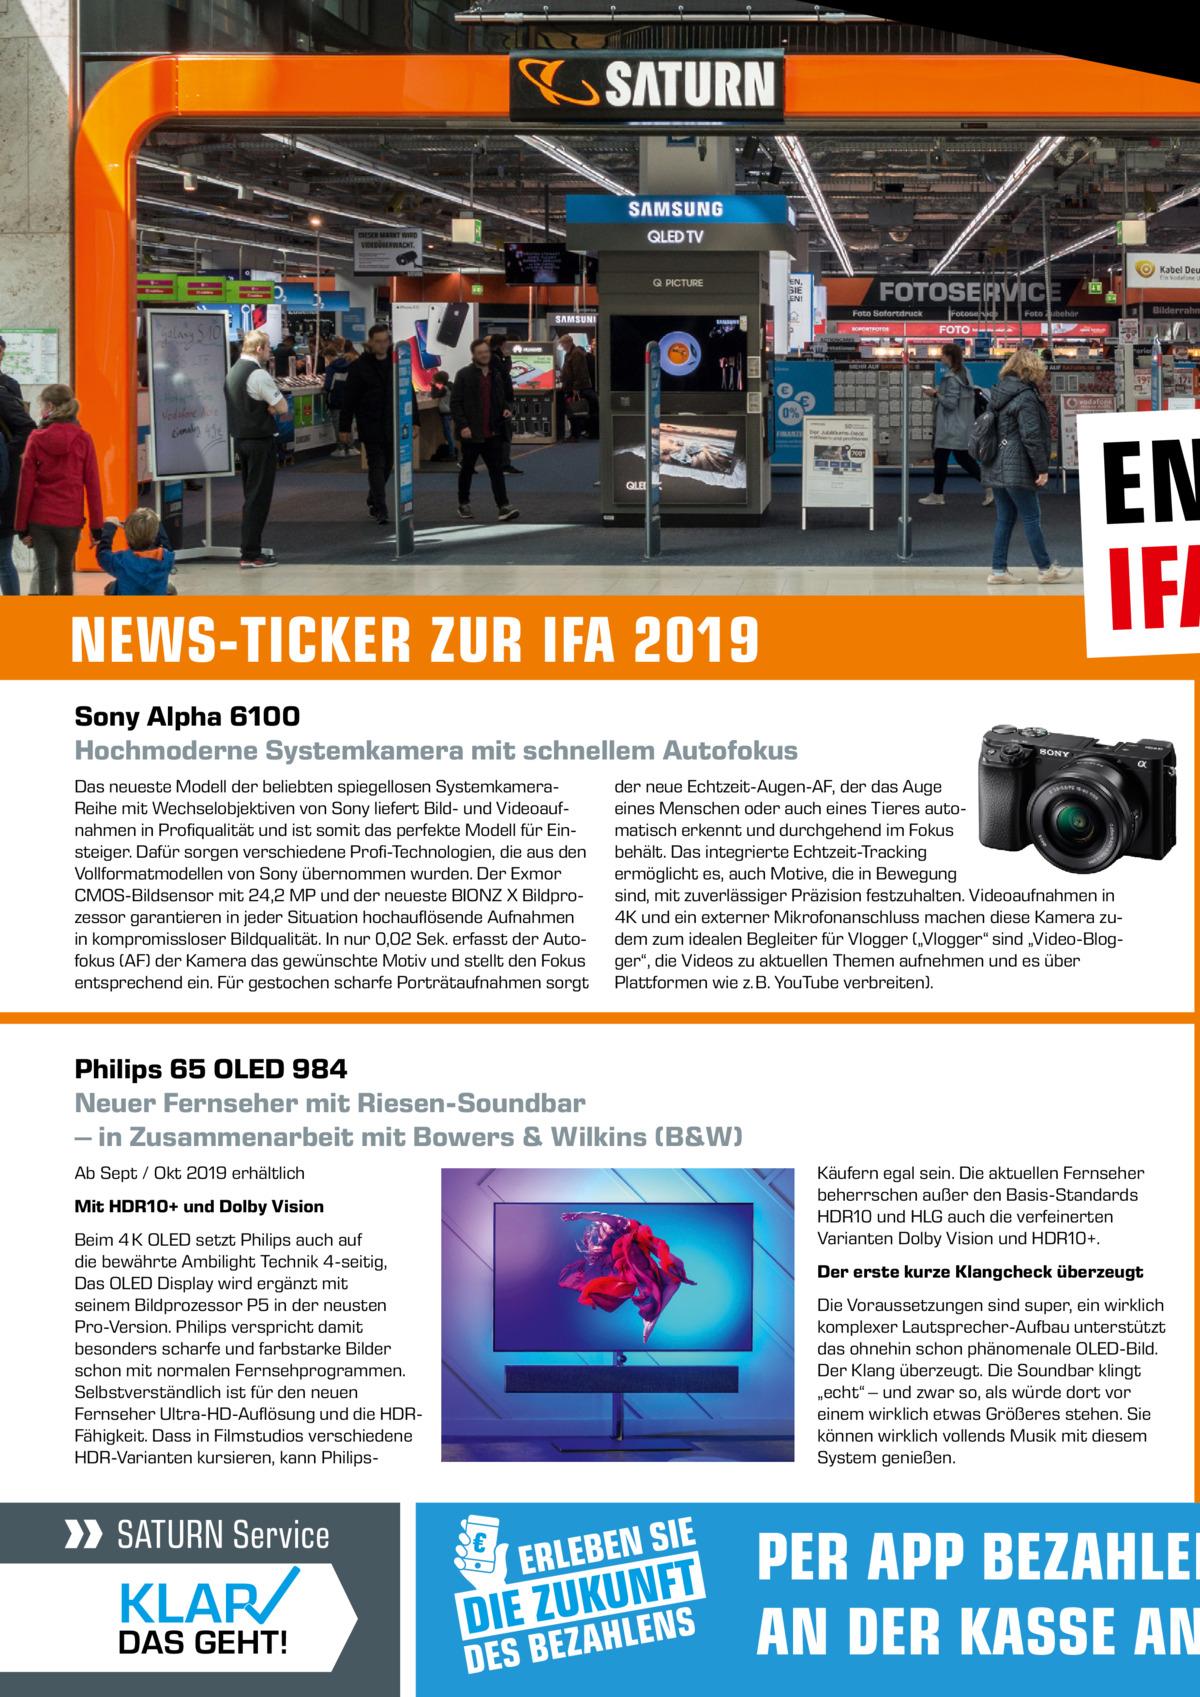 """NEWS-TICKER ZUR IFA 2019  EN IFA  Sony Alpha 6100 Hochmoderne Systemkamera mit schnellem Autofokus Das neueste Modell der beliebten spiegellosen SystemkameraReihe mit Wechselobjektiven von Sony liefert Bild- und Videoaufnahmen in Profiqualität und ist somit das perfekte Modell für Einsteiger. Dafür sorgen verschiedene Profi-Technologien, die aus den Vollformatmodellen von Sony übernommen wurden. Der Exmor CMOS-Bildsensor mit 24,2 MP und der neueste BIONZ X Bildprozessor garantieren in jeder Situation hochauflösende Aufnahmen in kompromissloser Bildqualität. In nur 0,02 Sek. erfasst der Autofokus (AF) der Kamera das gewünschte Motiv und stellt den Fokus entsprechend ein. Für gestochen scharfe Porträtaufnahmen sorgt  der neue Echtzeit-Augen-AF, der das Auge eines Menschen oder auch eines Tieres automatisch erkennt und durchgehend im Fokus behält. Das integrierte Echtzeit-Tracking ermöglicht es, auch Motive, die in Bewegung sind, mit zuverlässiger Präzision festzuhalten. Videoaufnahmen in 4K und ein externer Mikrofonanschluss machen diese Kamera zudem zum idealen Begleiter für Vlogger (""""Vlogger"""" sind """"Video-Blogger"""", die Videos zu aktuellen Themen aufnehmen und es über Plattformen wie z. B. YouTube verbreiten).  Philips 65 OLED 984 Neuer Fernseher mit Riesen-Soundbar – in Zusammenarbeit mit Bowers & Wilkins (B&W) Ab Sept / Okt 2019 erhältlich Mit HDR10+ und Dolby Vision Beim 4 K OLED setzt Philips auch auf die bewährte Ambilight Technik 4-seitig, Das OLED Display wird ergänzt mit seinem Bildprozessor P5 in der neusten Pro-Version. Philips verspricht damit besonders scharfe und farbstarke Bilder schon mit normalen Fernsehprogrammen. Selbstverständlich ist für den neuen Fernseher Ultra-HD-Auflösung und die HDRFähigkeit. Dass in Filmstudios verschiedene HDR-Varianten kursieren, kann Philips Käufern egal sein. Die aktuellen Fernseher beherrschen außer den Basis-Standards HDR10 und HLG auch die verfeinerten Varianten Dolby Vision und HDR10+. Der erste kurze Klangcheck überz"""